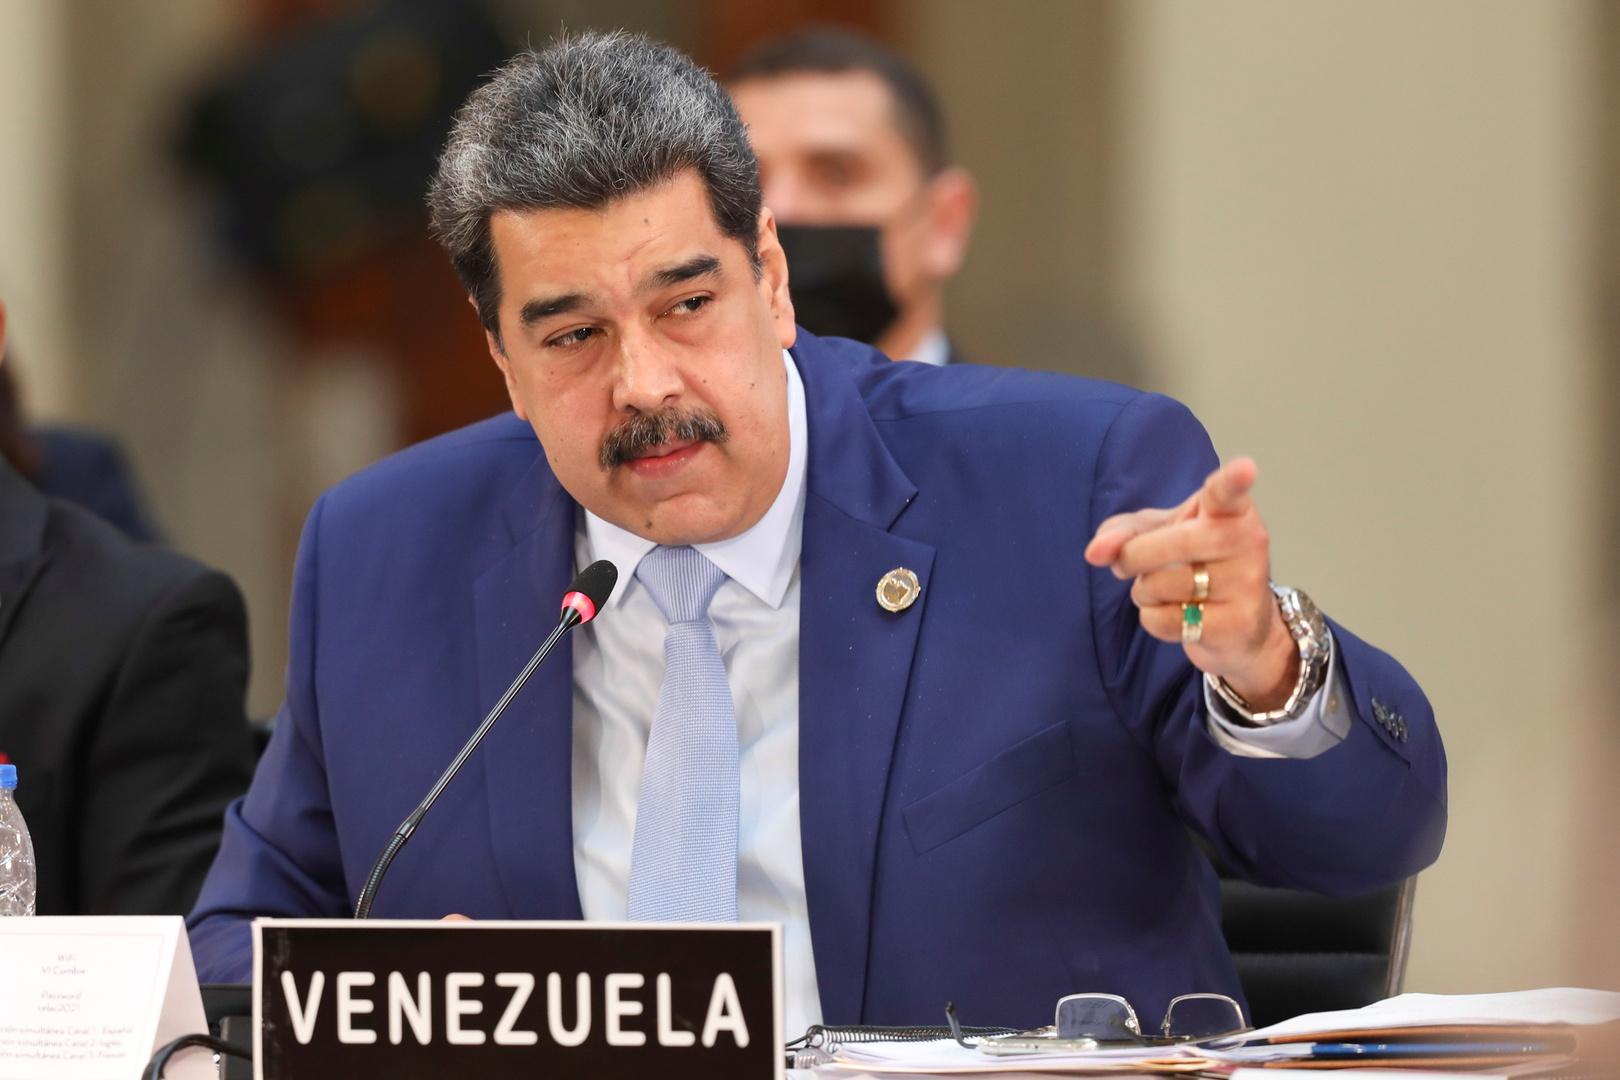 مادورو يطالب العاهل الإسباني بالاعتراف بجرائم الغزو الإسباني لأمريكا